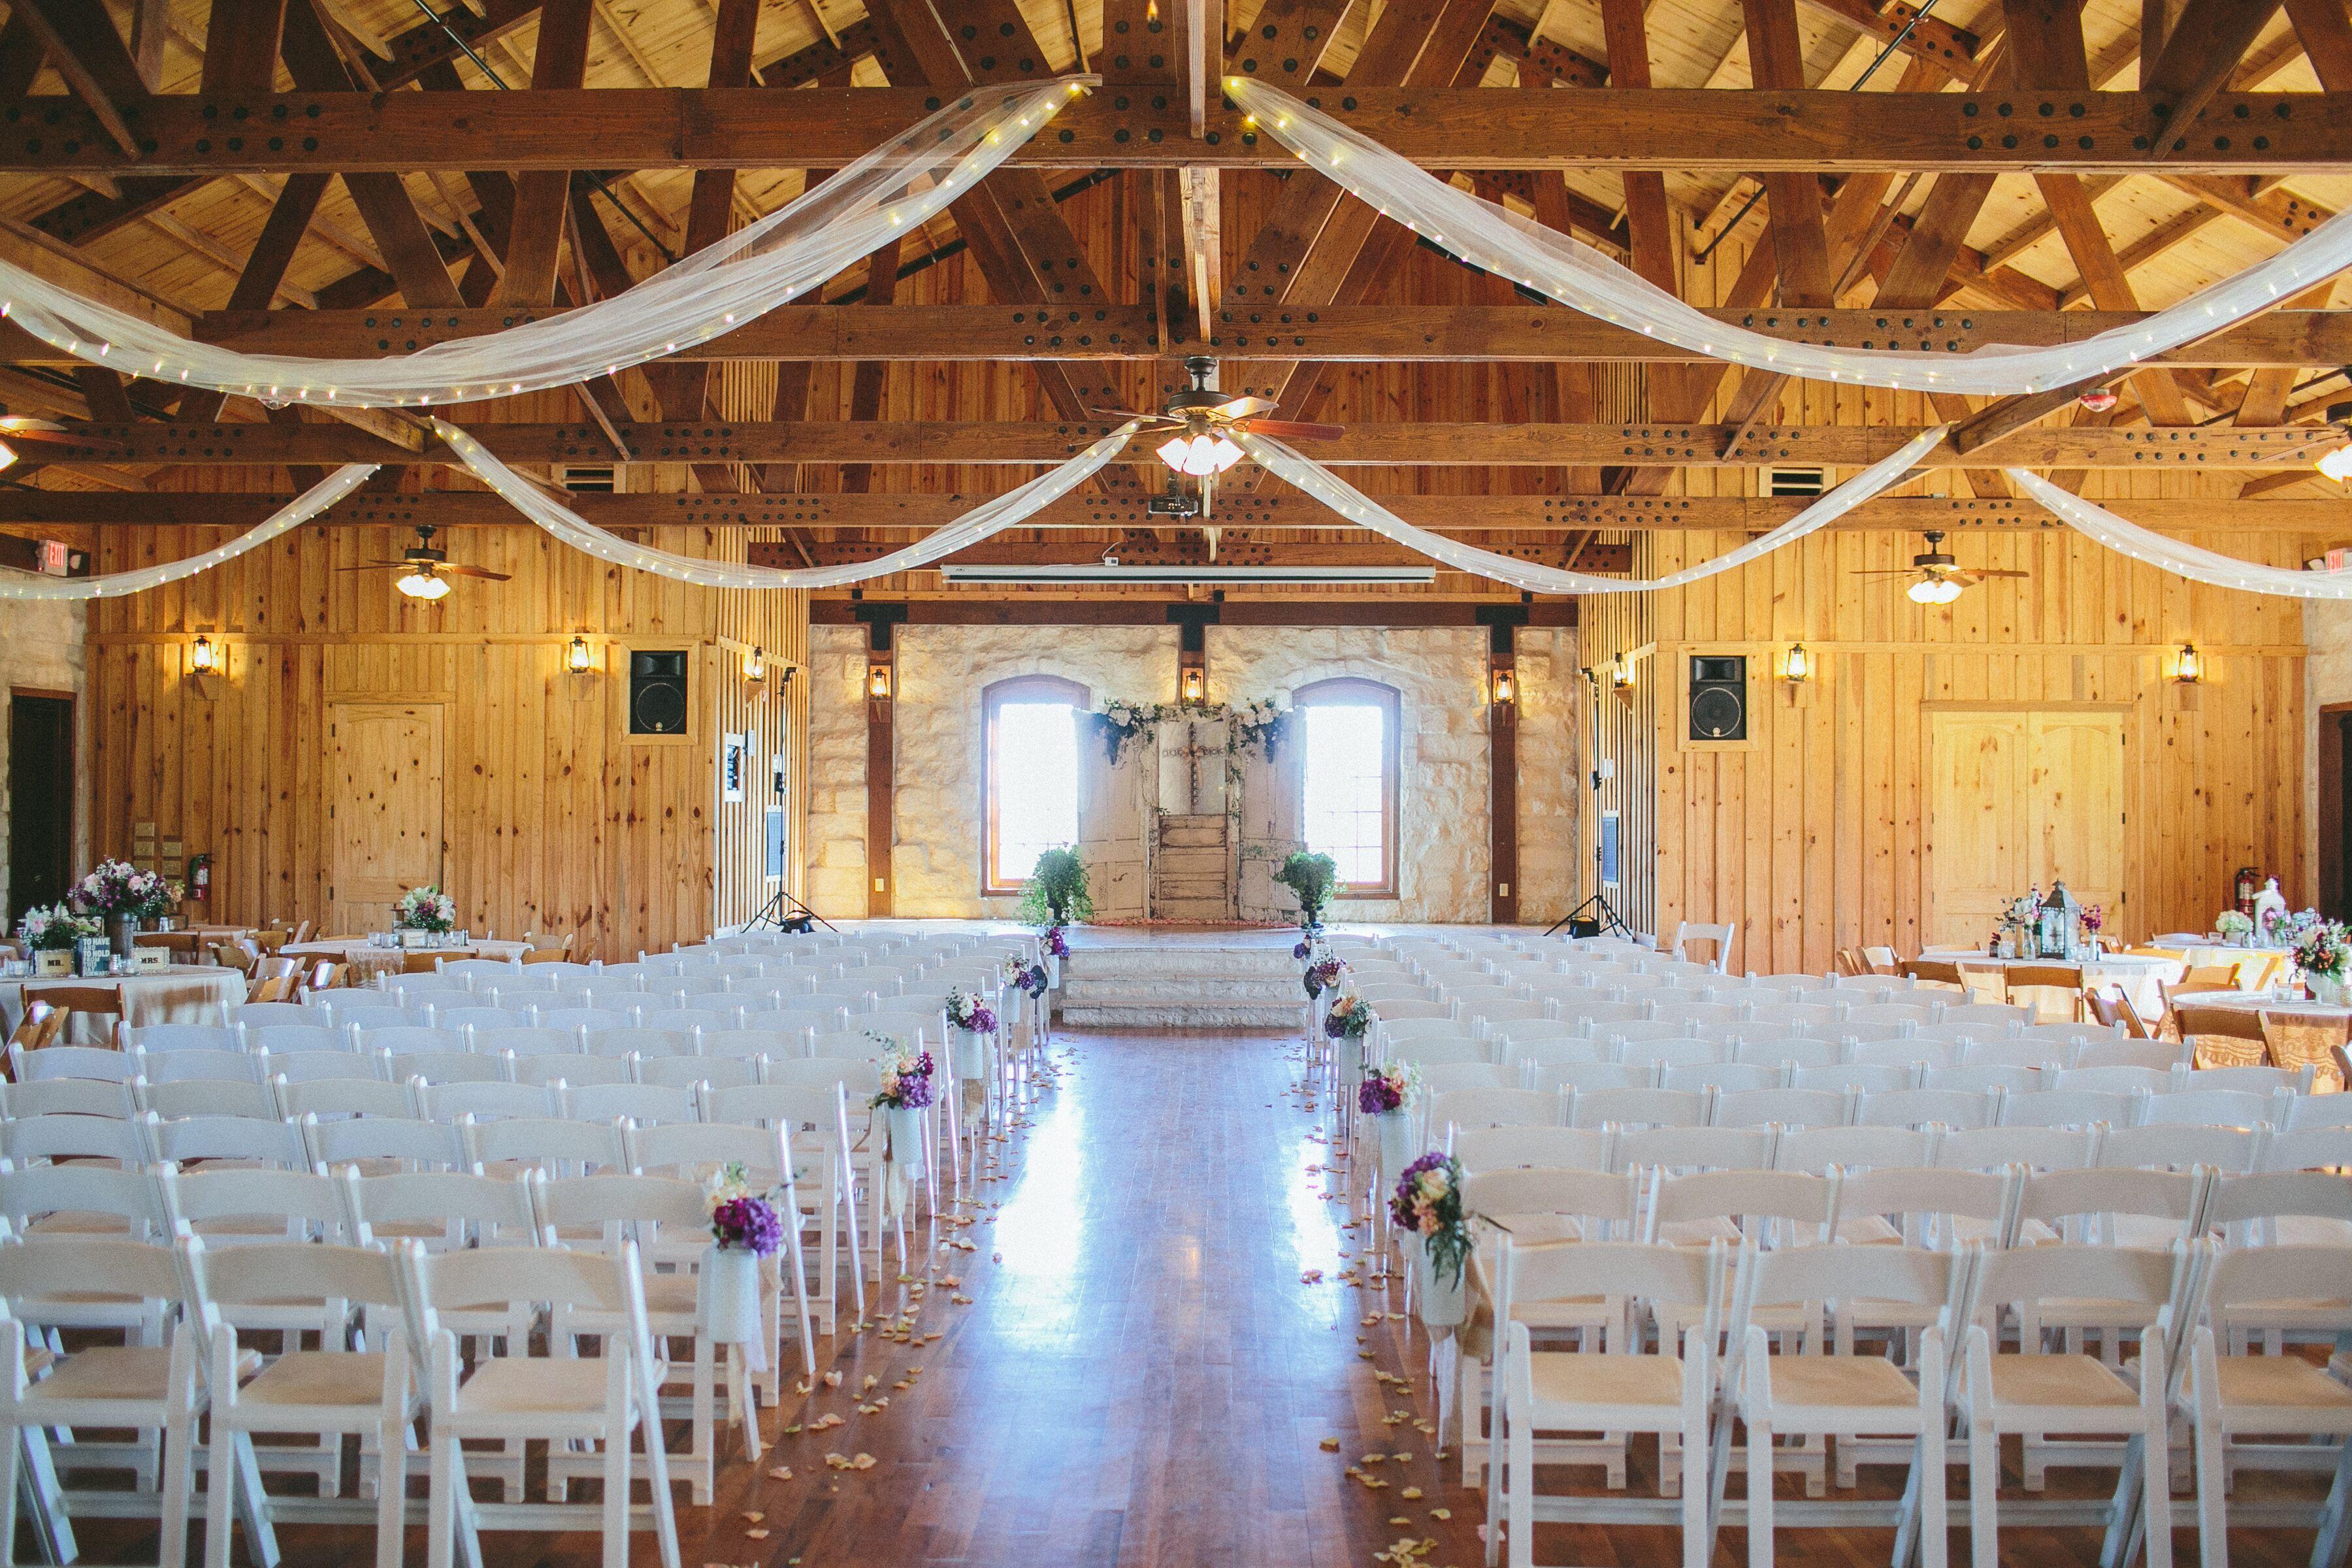 Rustic Texas Barn Ceremony Venue